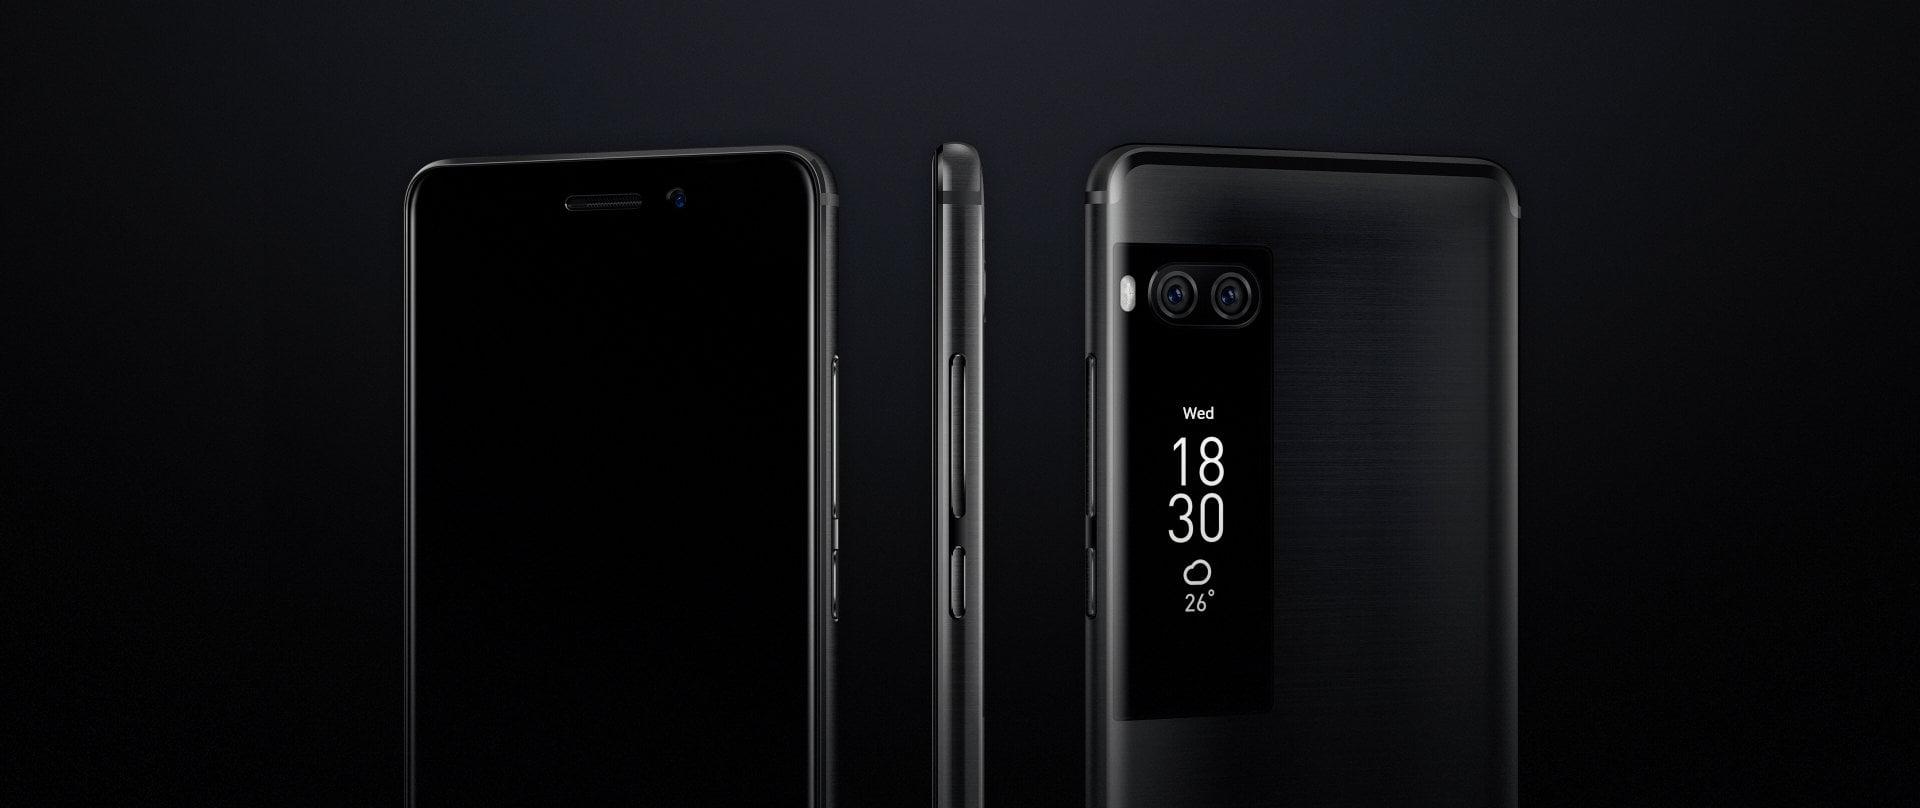 Meizu Pro 7 i Pro 7 Plus oficjalnie. Jeden z nich nie zasługuje, by nazywać go flagowcem 19